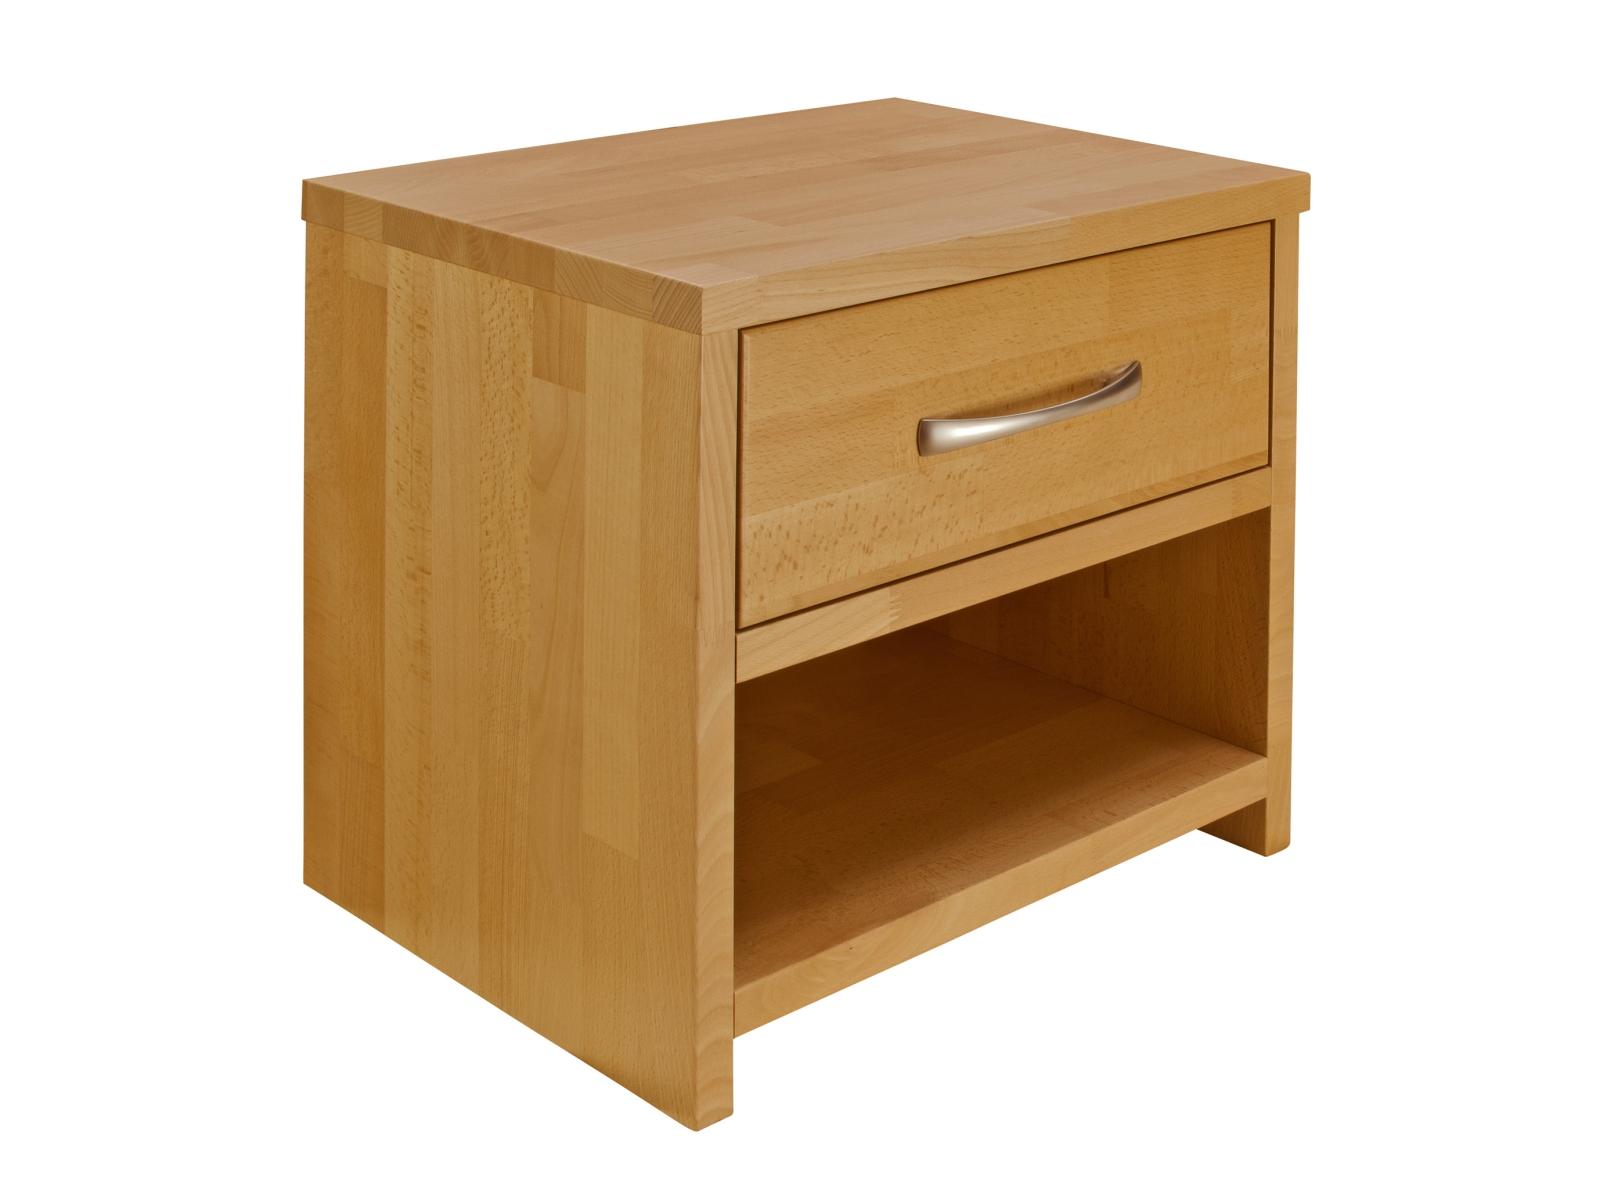 Nočný stolík - Purtex - Masív so zásuvkou (masív)